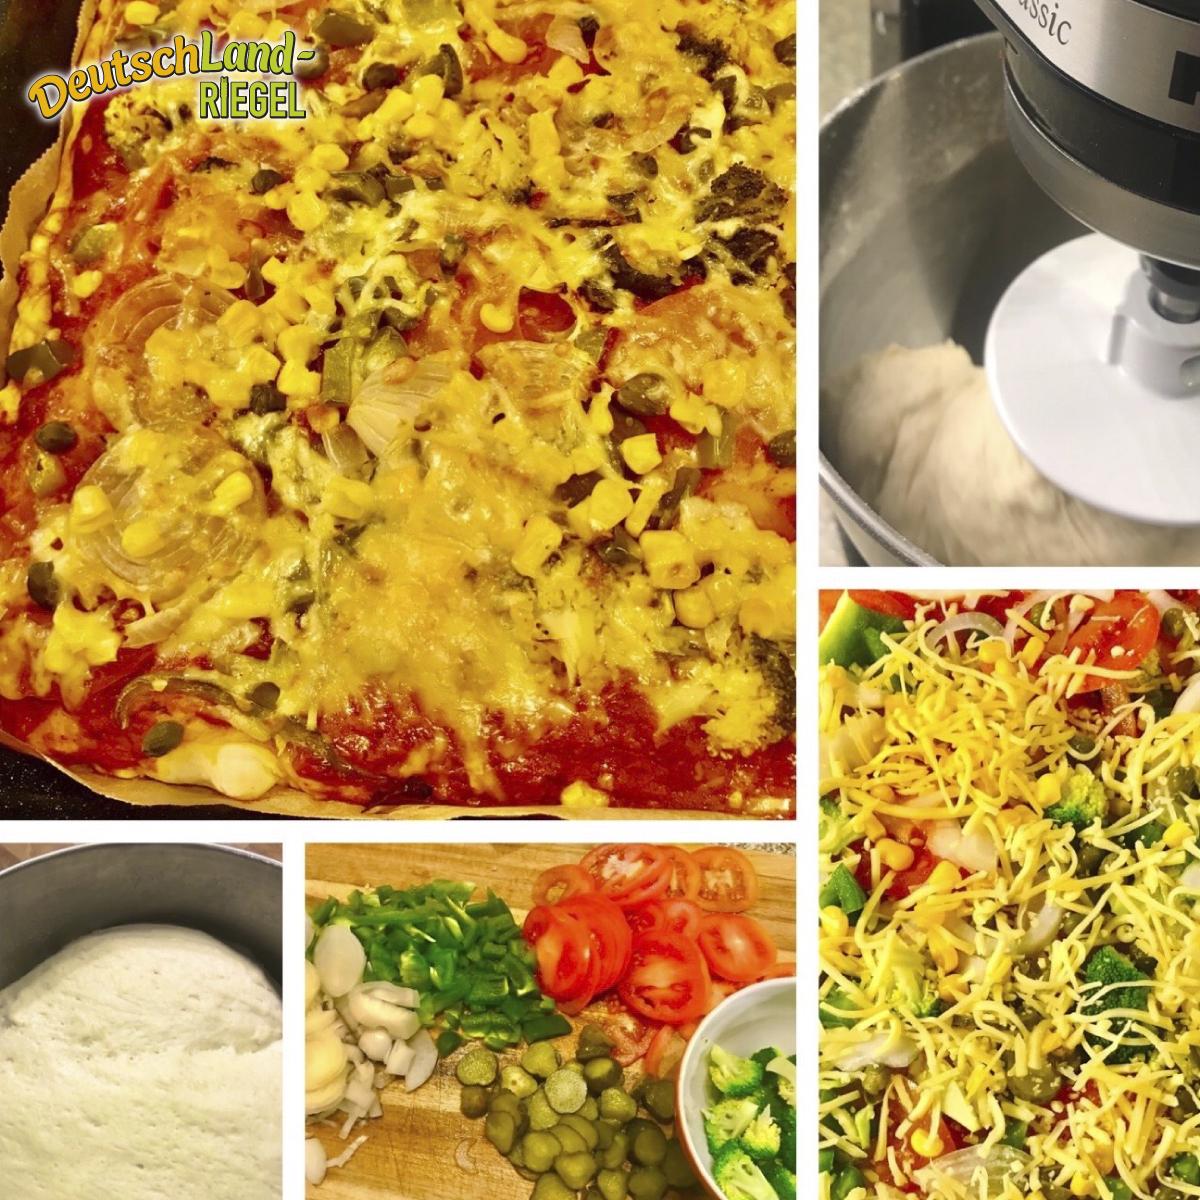 Pizza, eine gesunde Zubereitung, 1000er Weizenmehl, Dinkelmehl, Roggenvollkornmehl, Paprika, Tomaten, Zwiebeln, Gewürzen, vegan oder mit Goudakäse